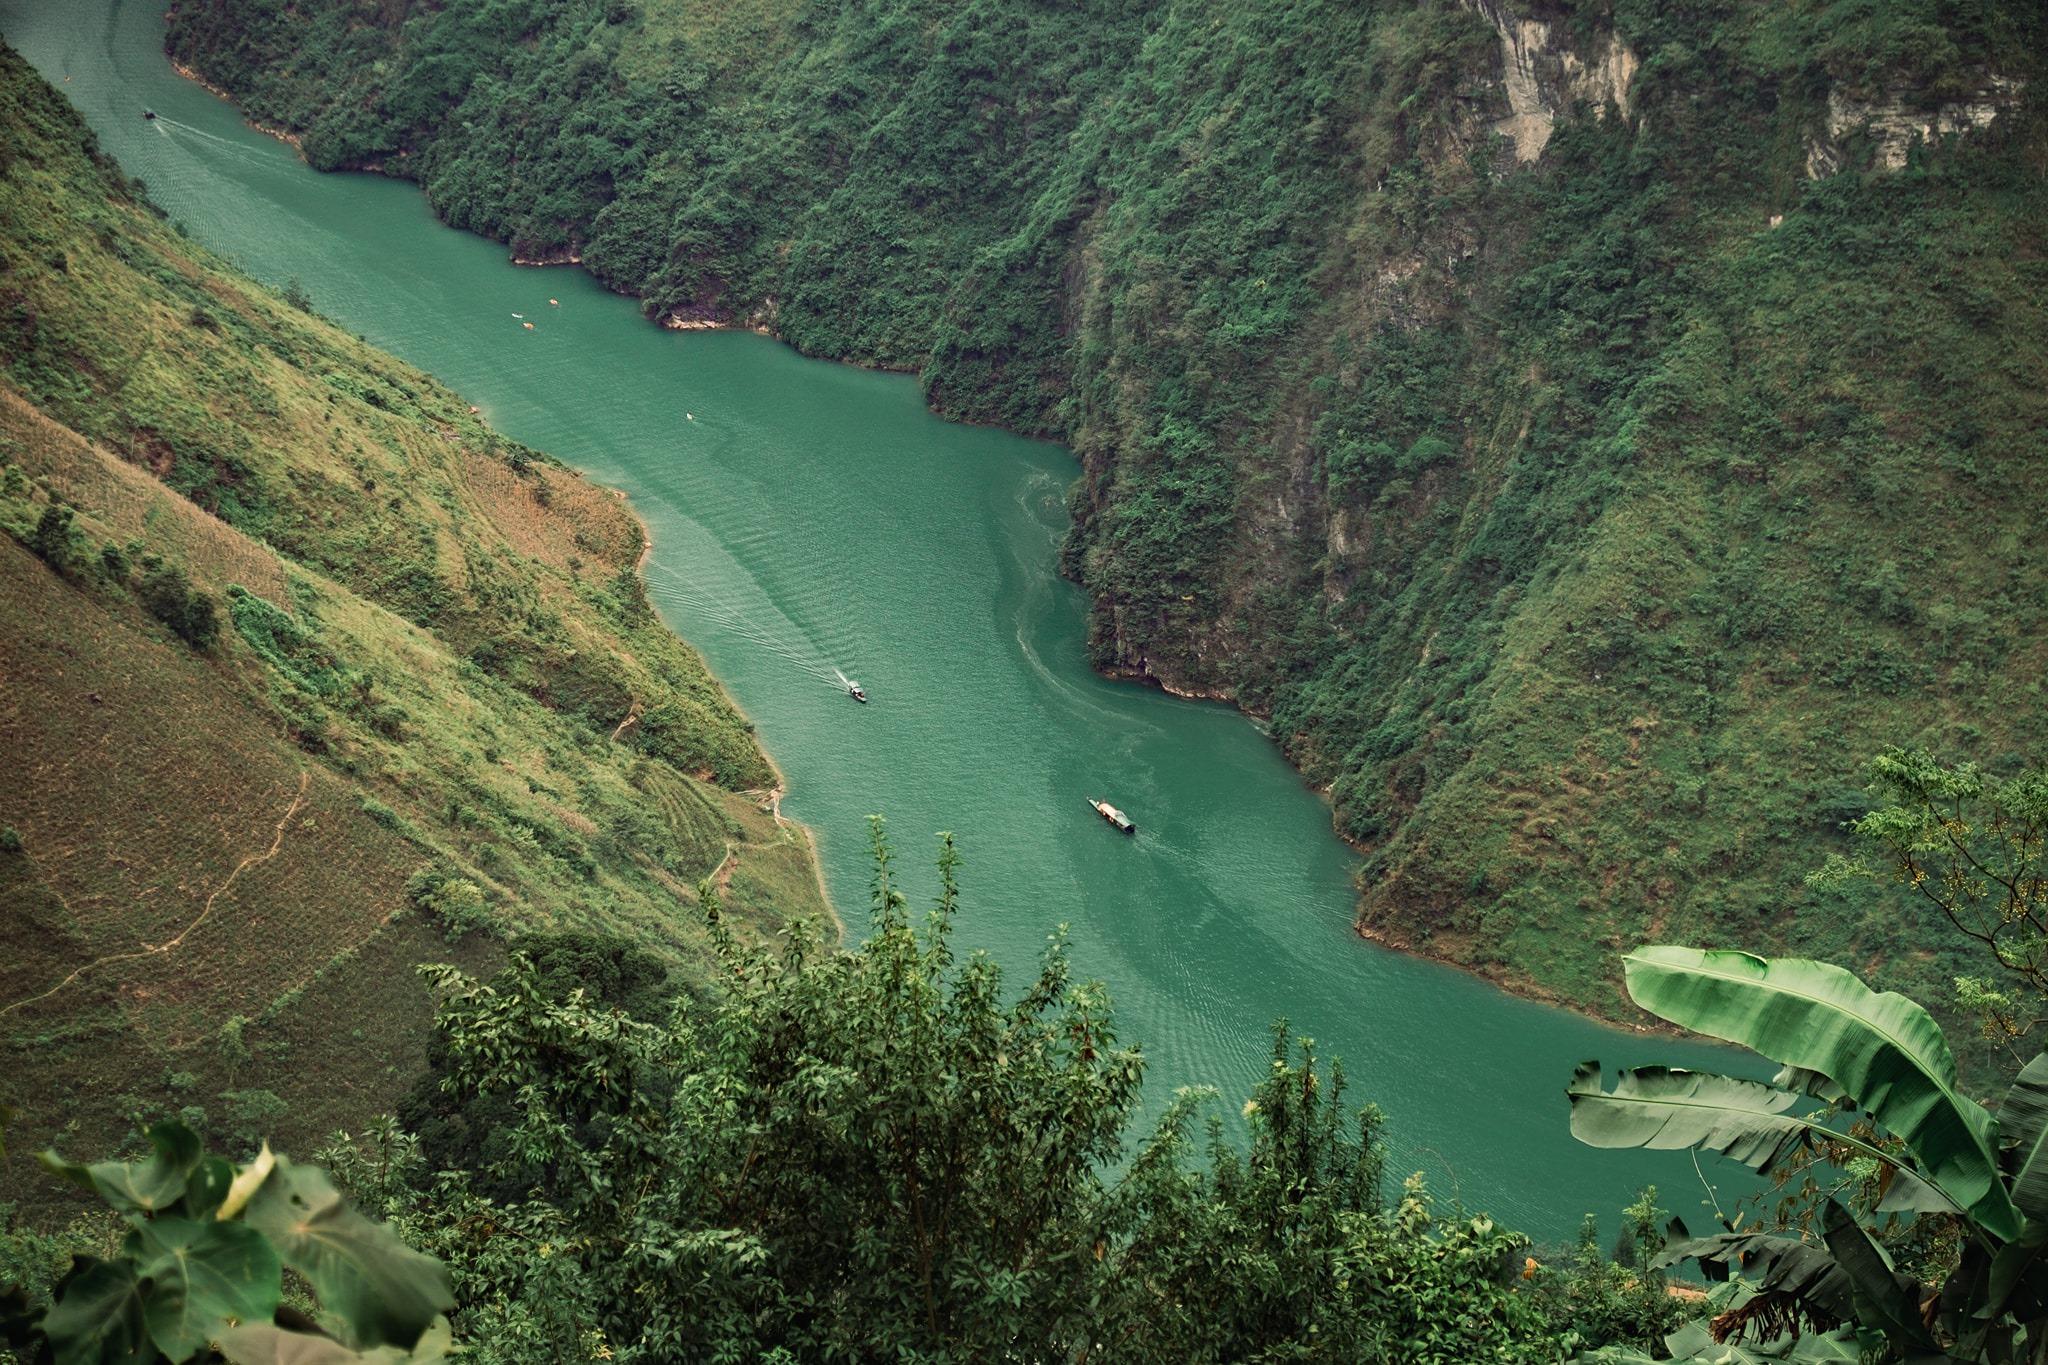 Khám phá Mã Pí Lèng, một trong 'tứ đại đỉnh đèo' của Việt Nam  - Ảnh 3.